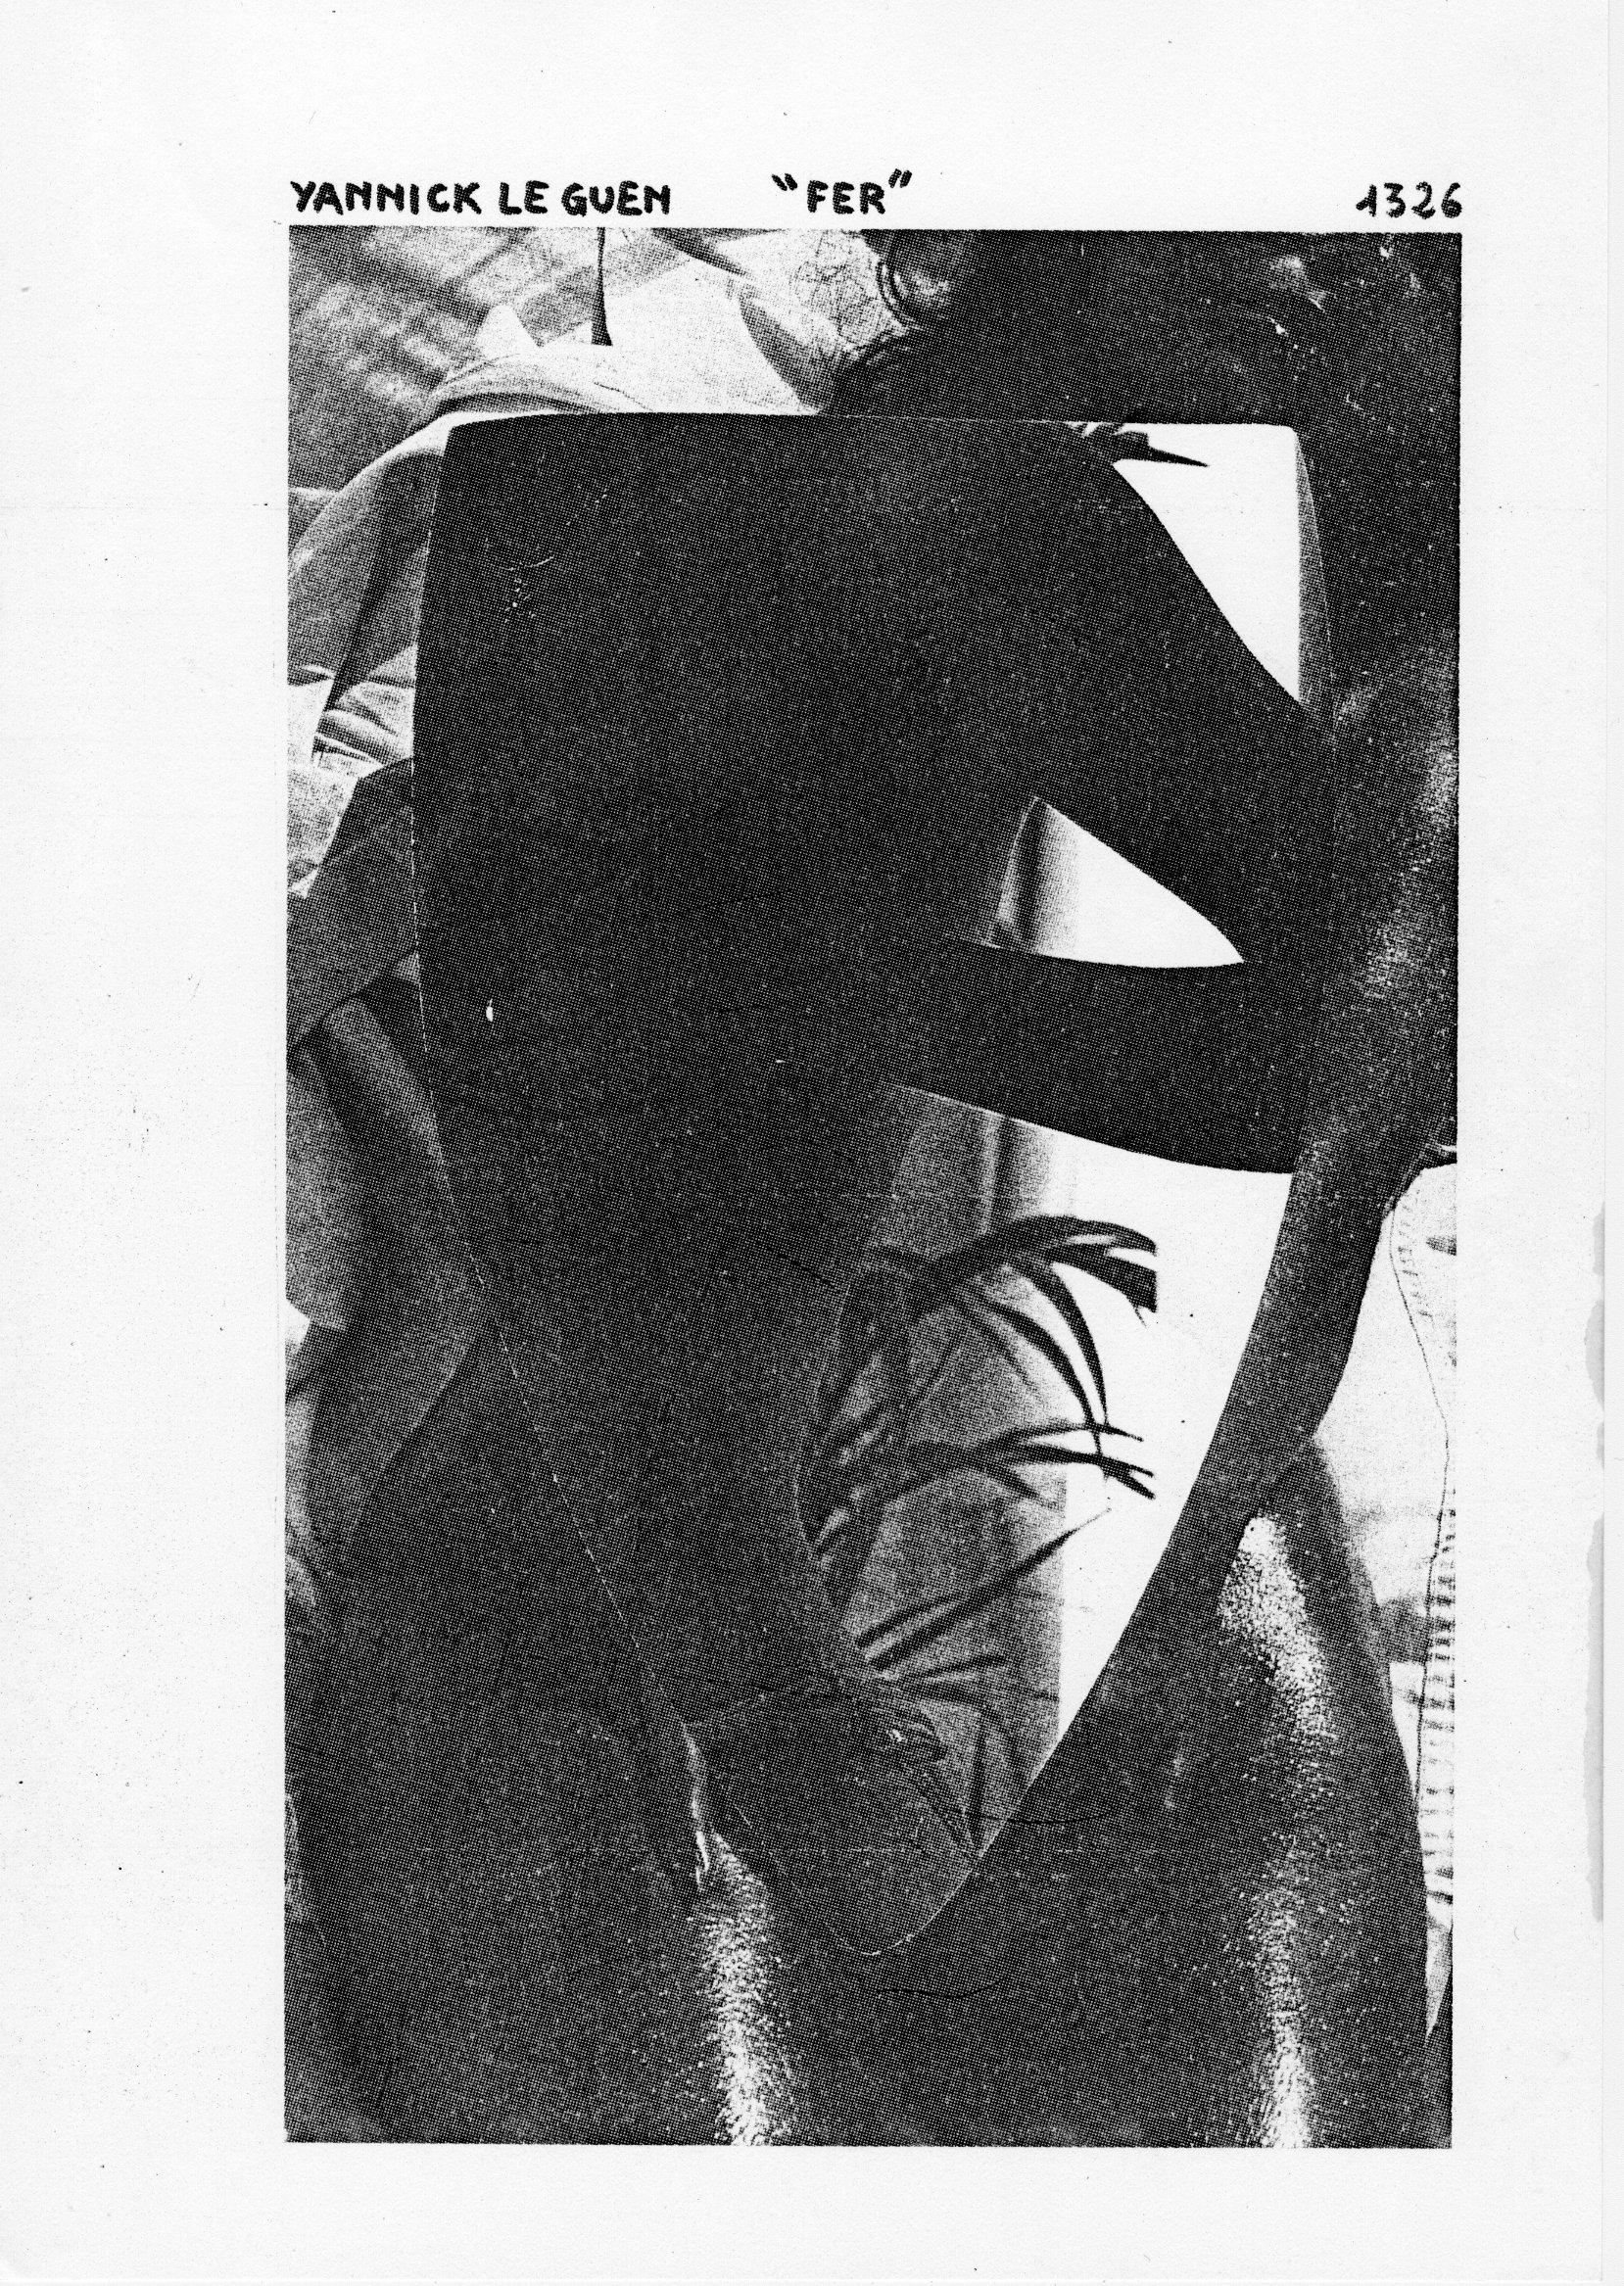 page 1326 Y. Le Guen FER